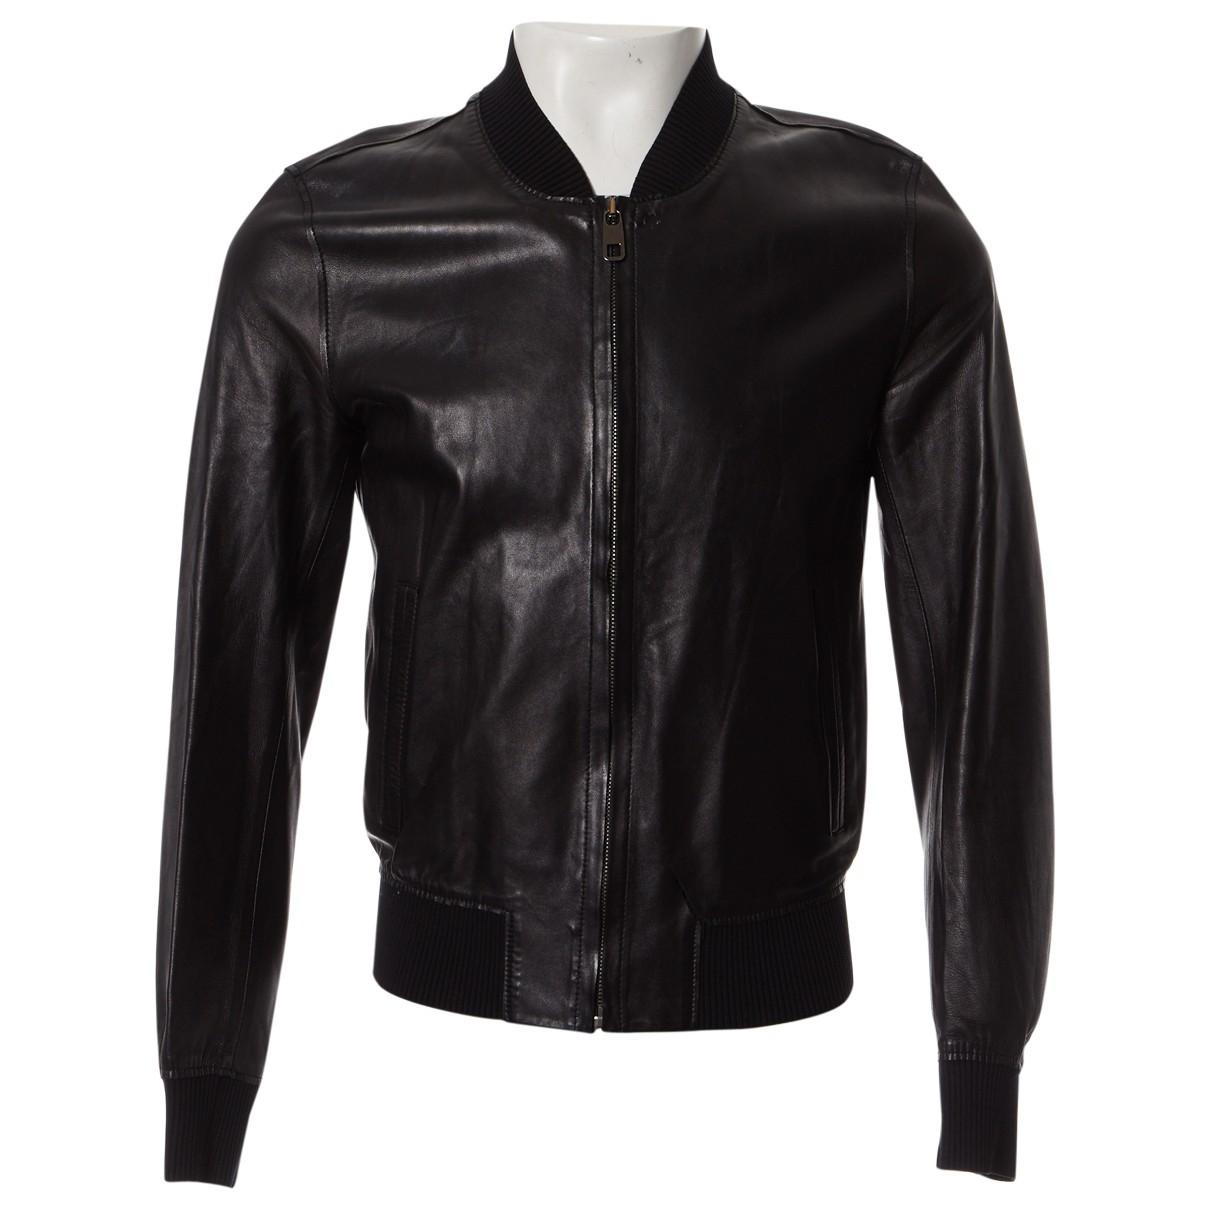 Dolce & Gabbana - Vestes.Blousons   pour homme en cuir - noir